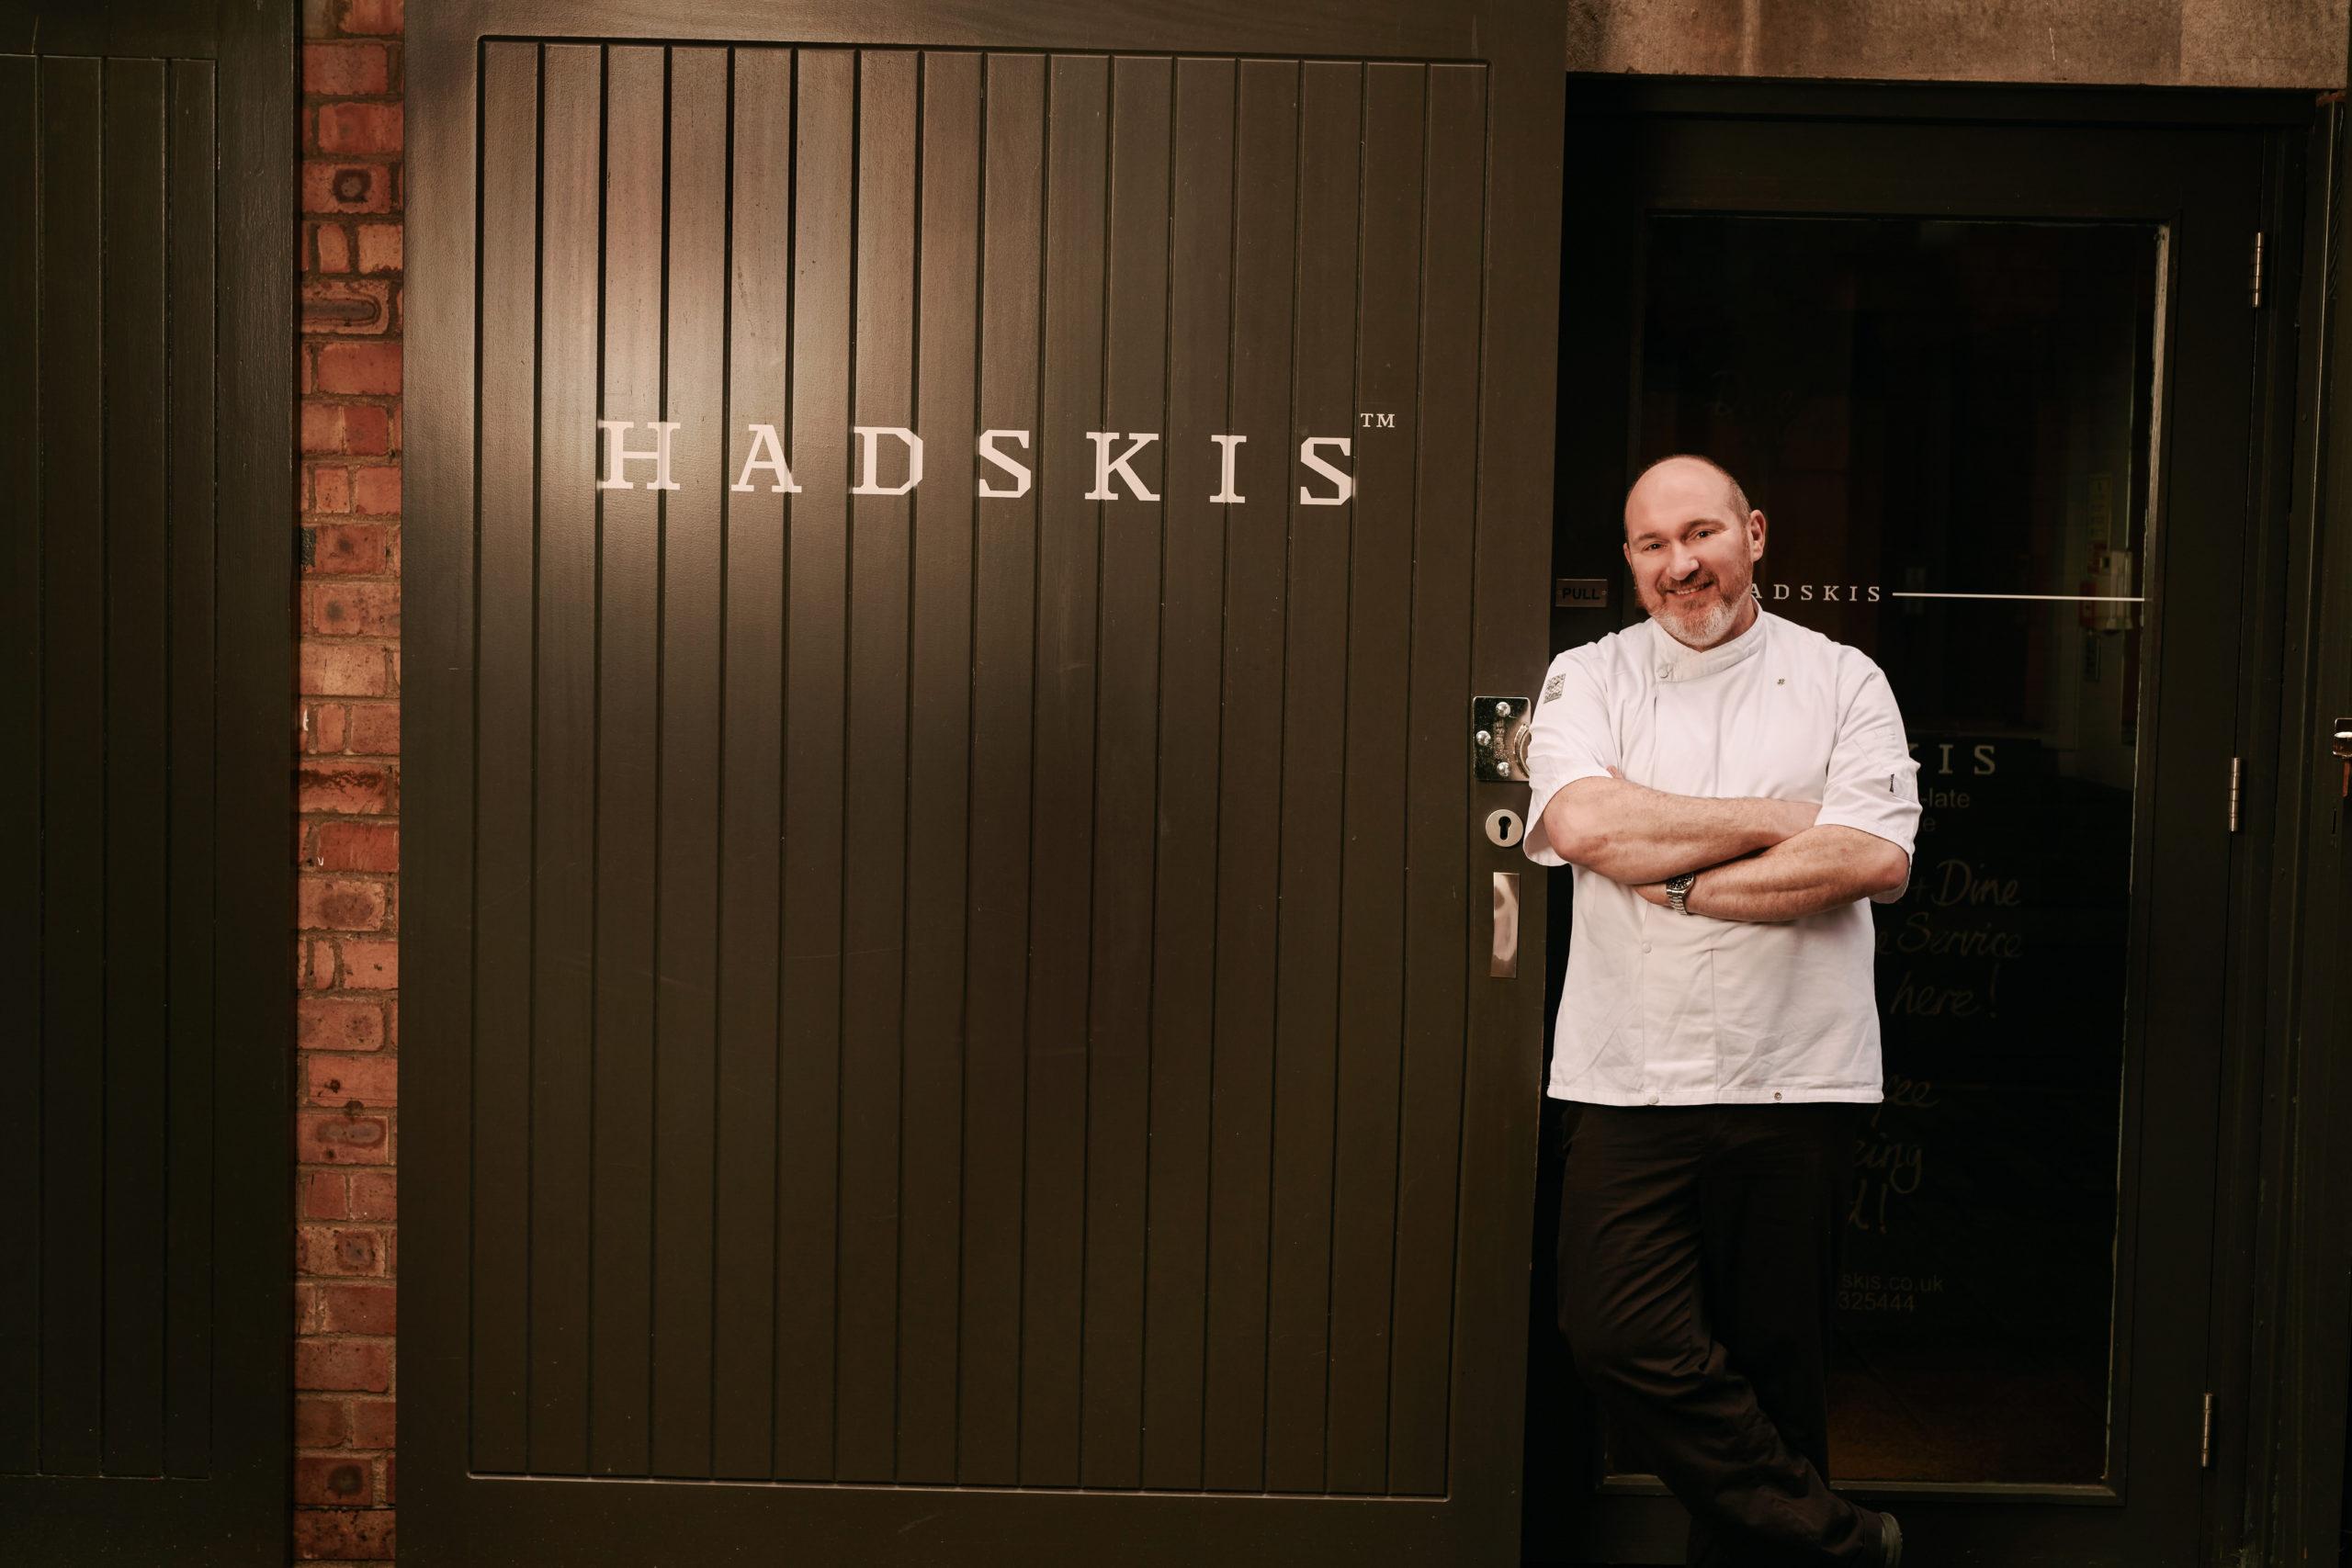 Hadskis